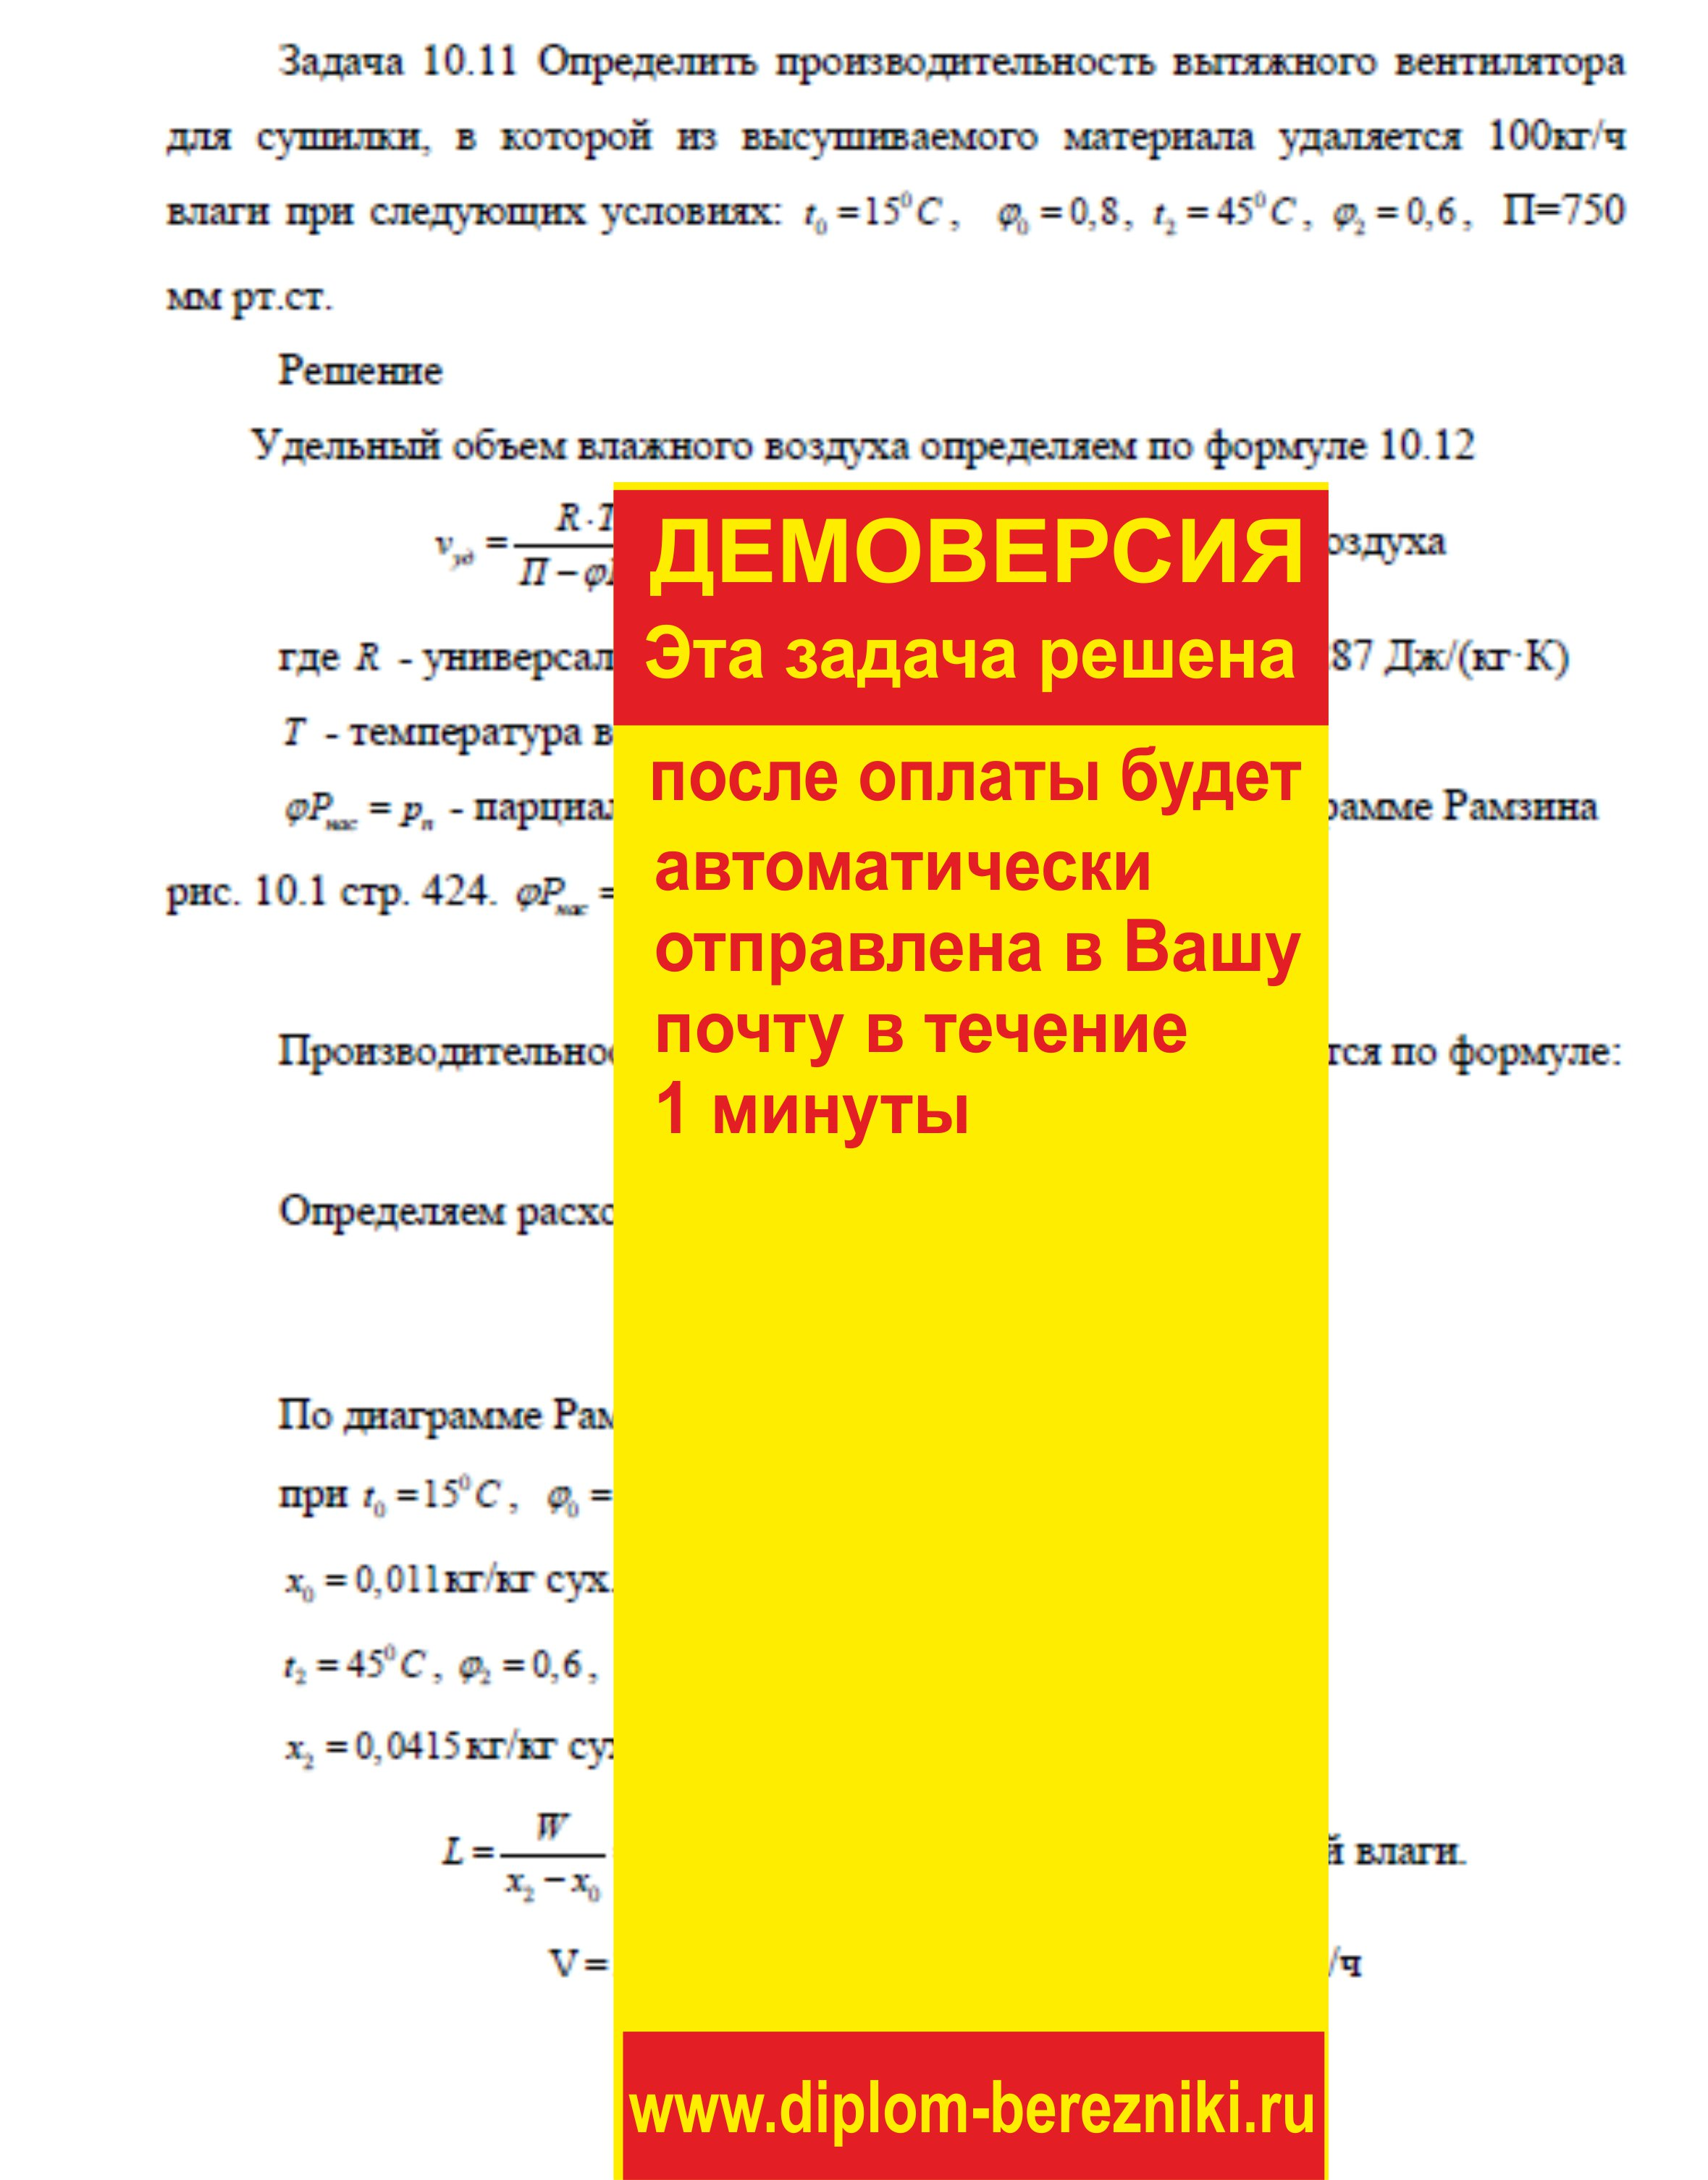 Решение задачи 10.11 по ПАХТ из задачника Павлова Романкова Носкова